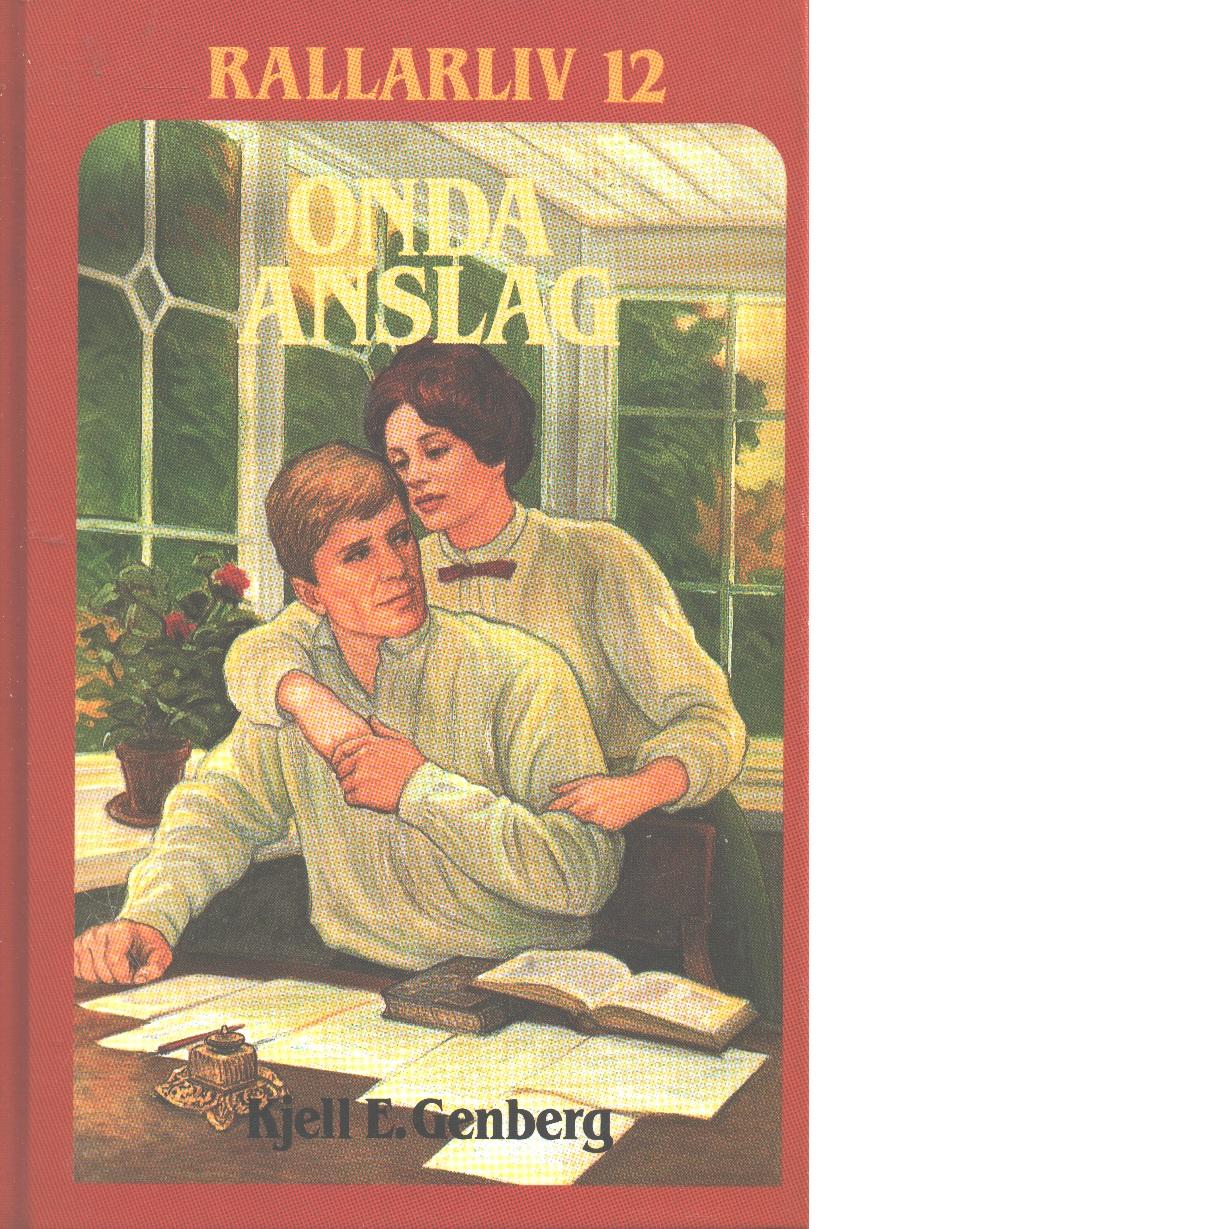 Rallarliv 12 : Onda anslag - Genberg, Kjell E.